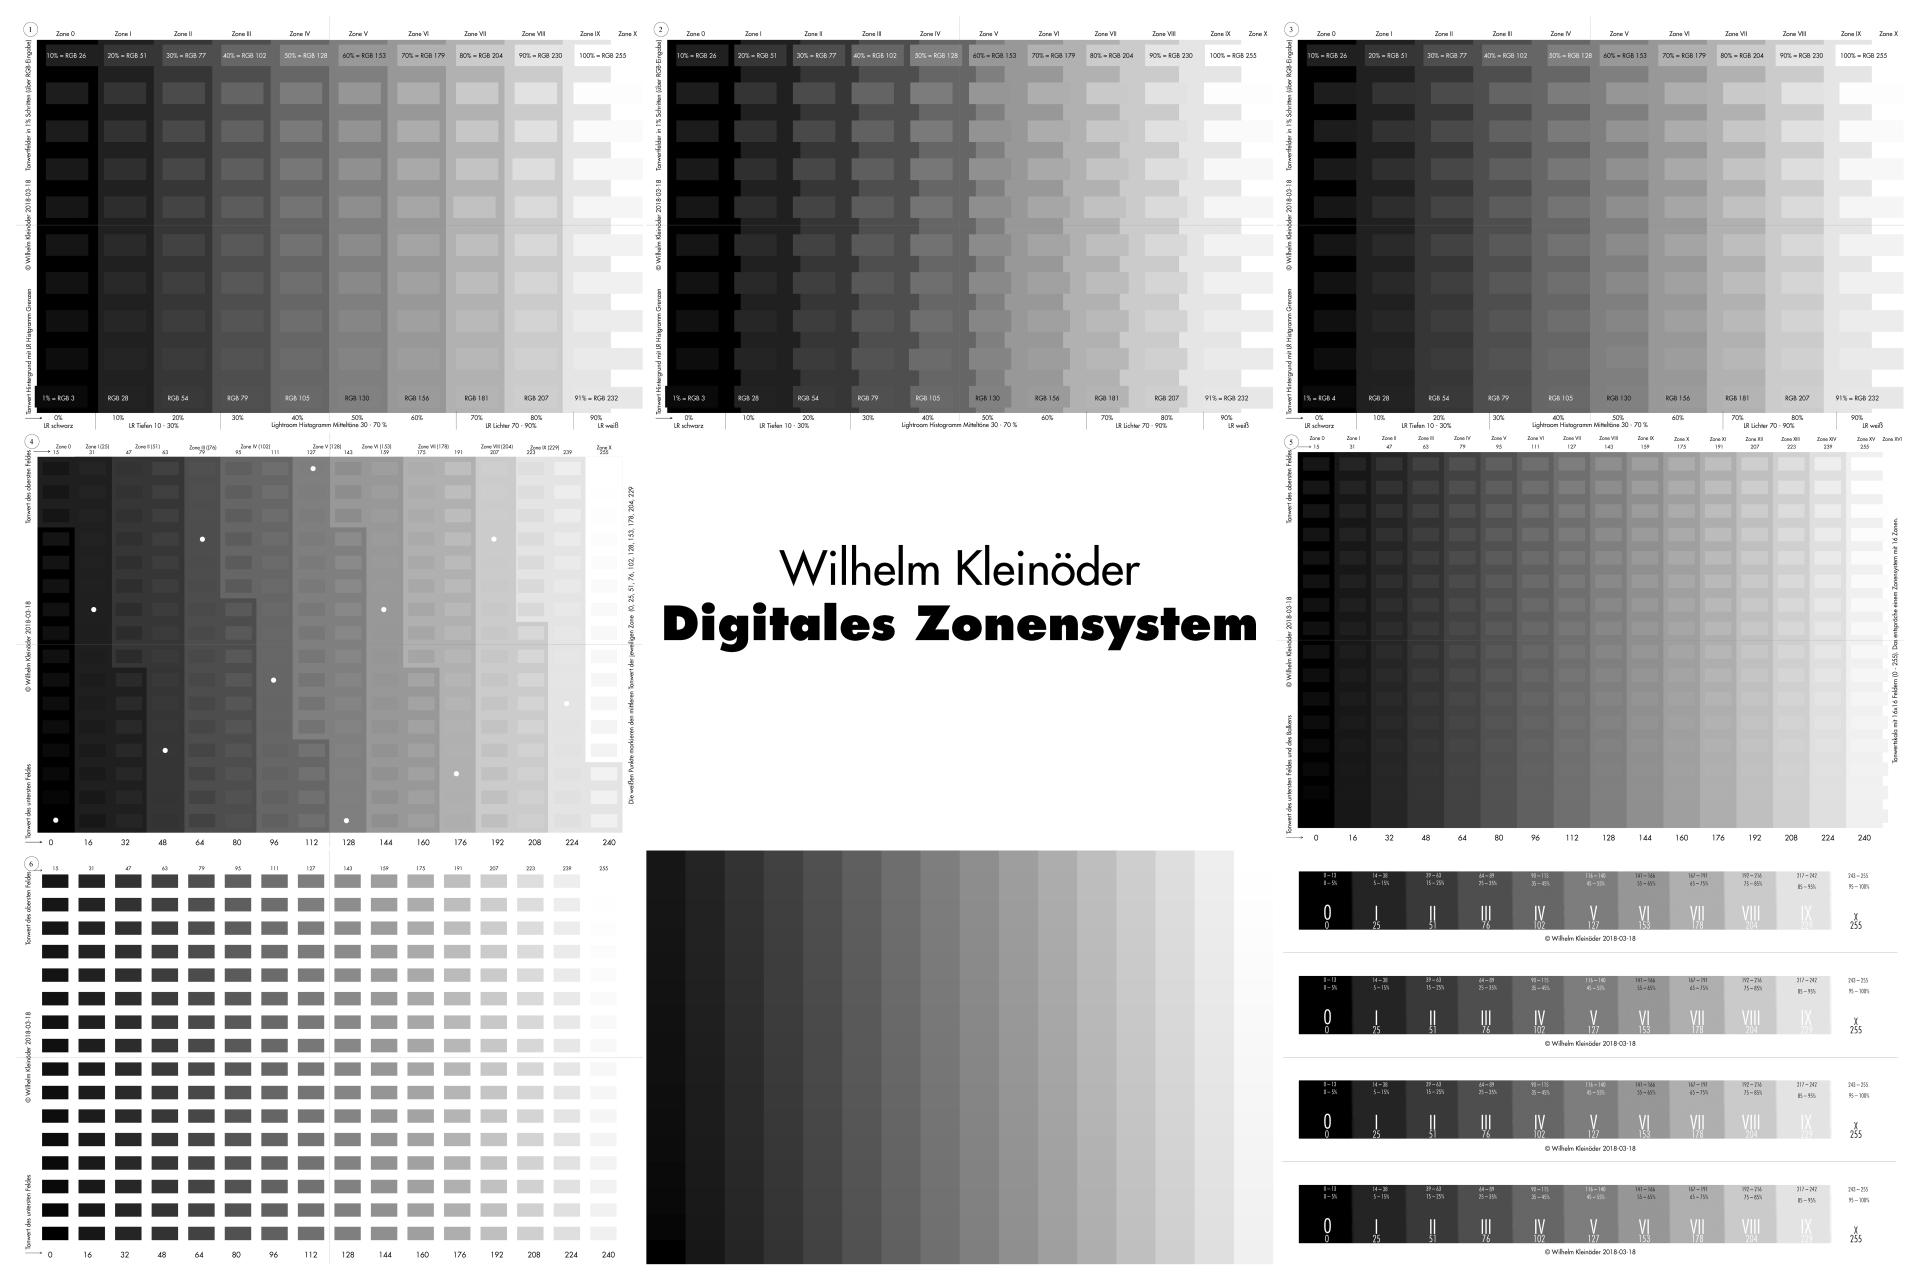 Digitales Zonensystem (pdf)